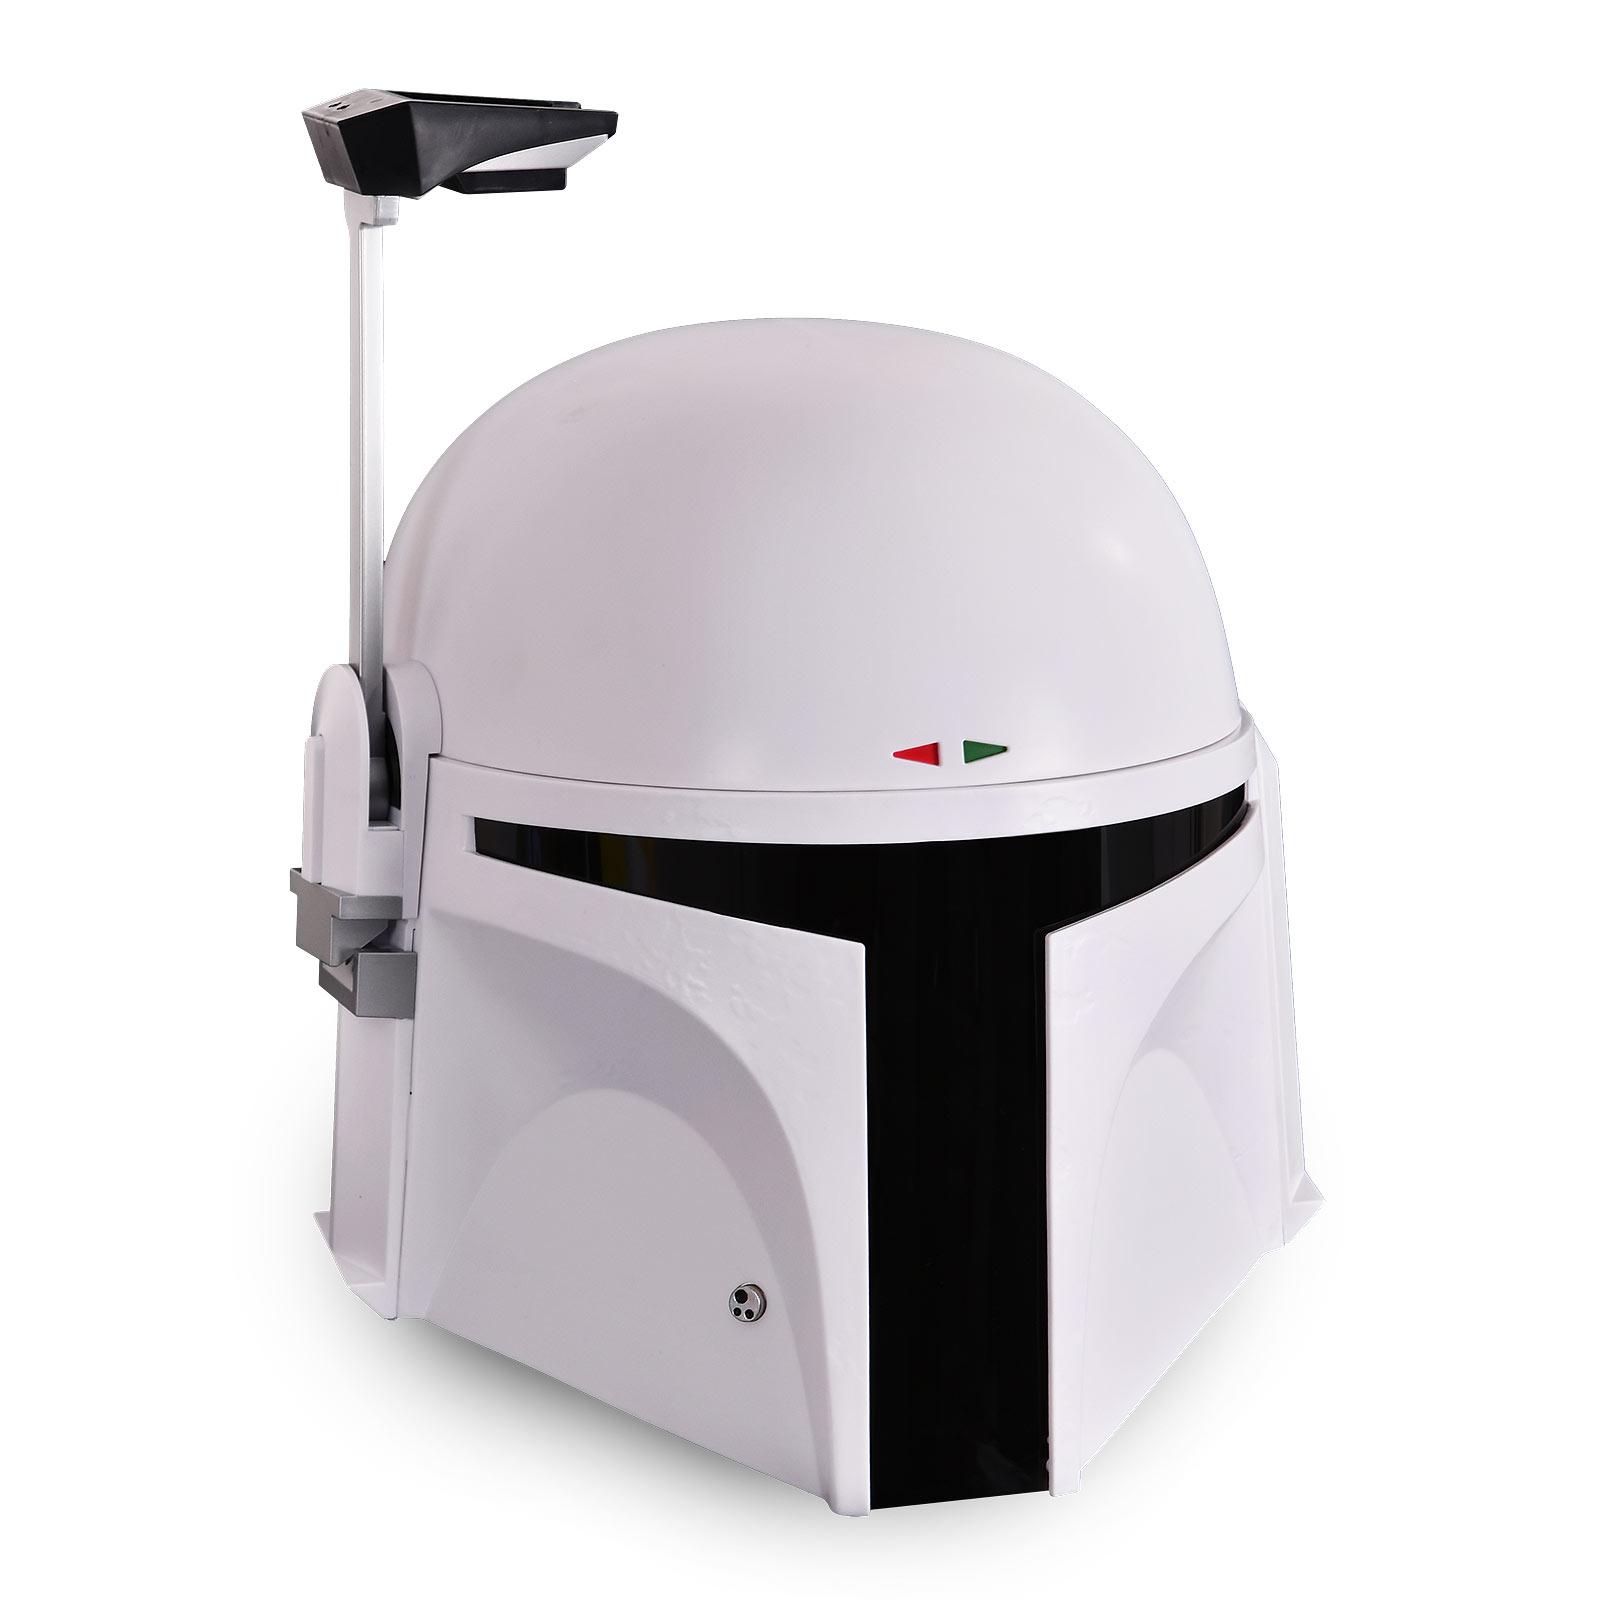 Star Wars - Boba Fett Prototyp Helm Premium Replik mit Lichteffekten